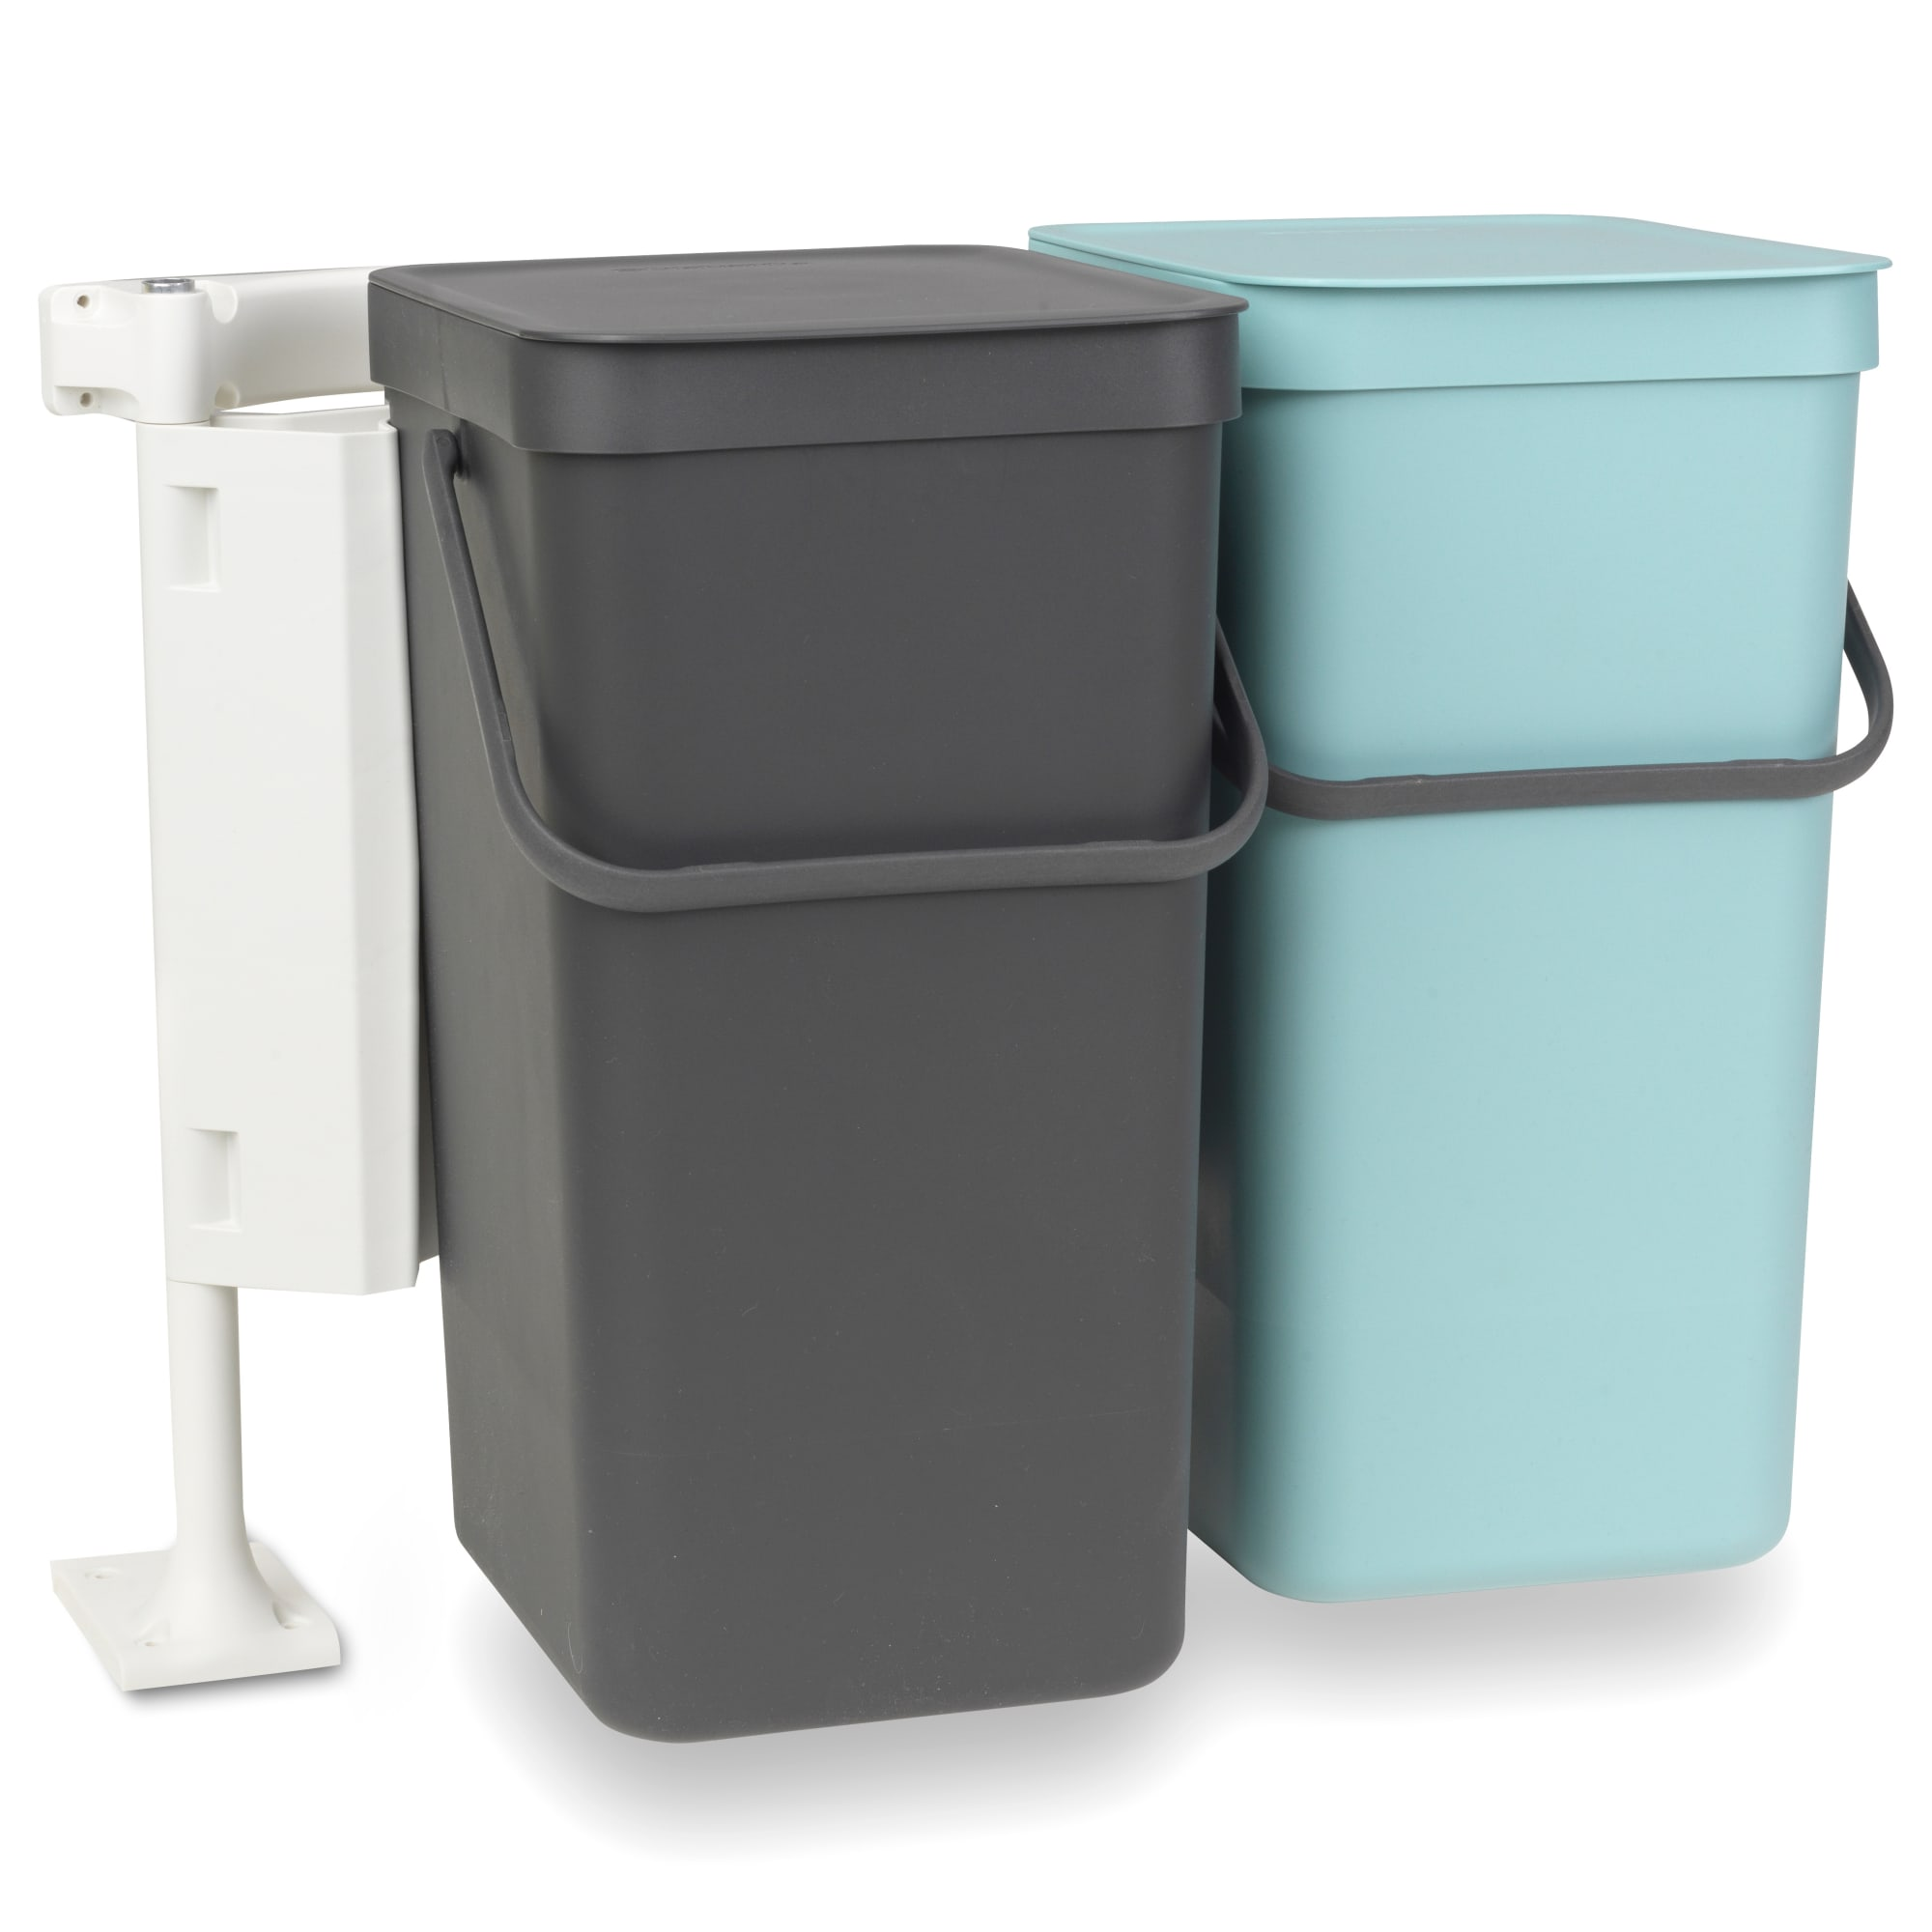 2 x 16 liter - Smart affaldssortering til hjemmet